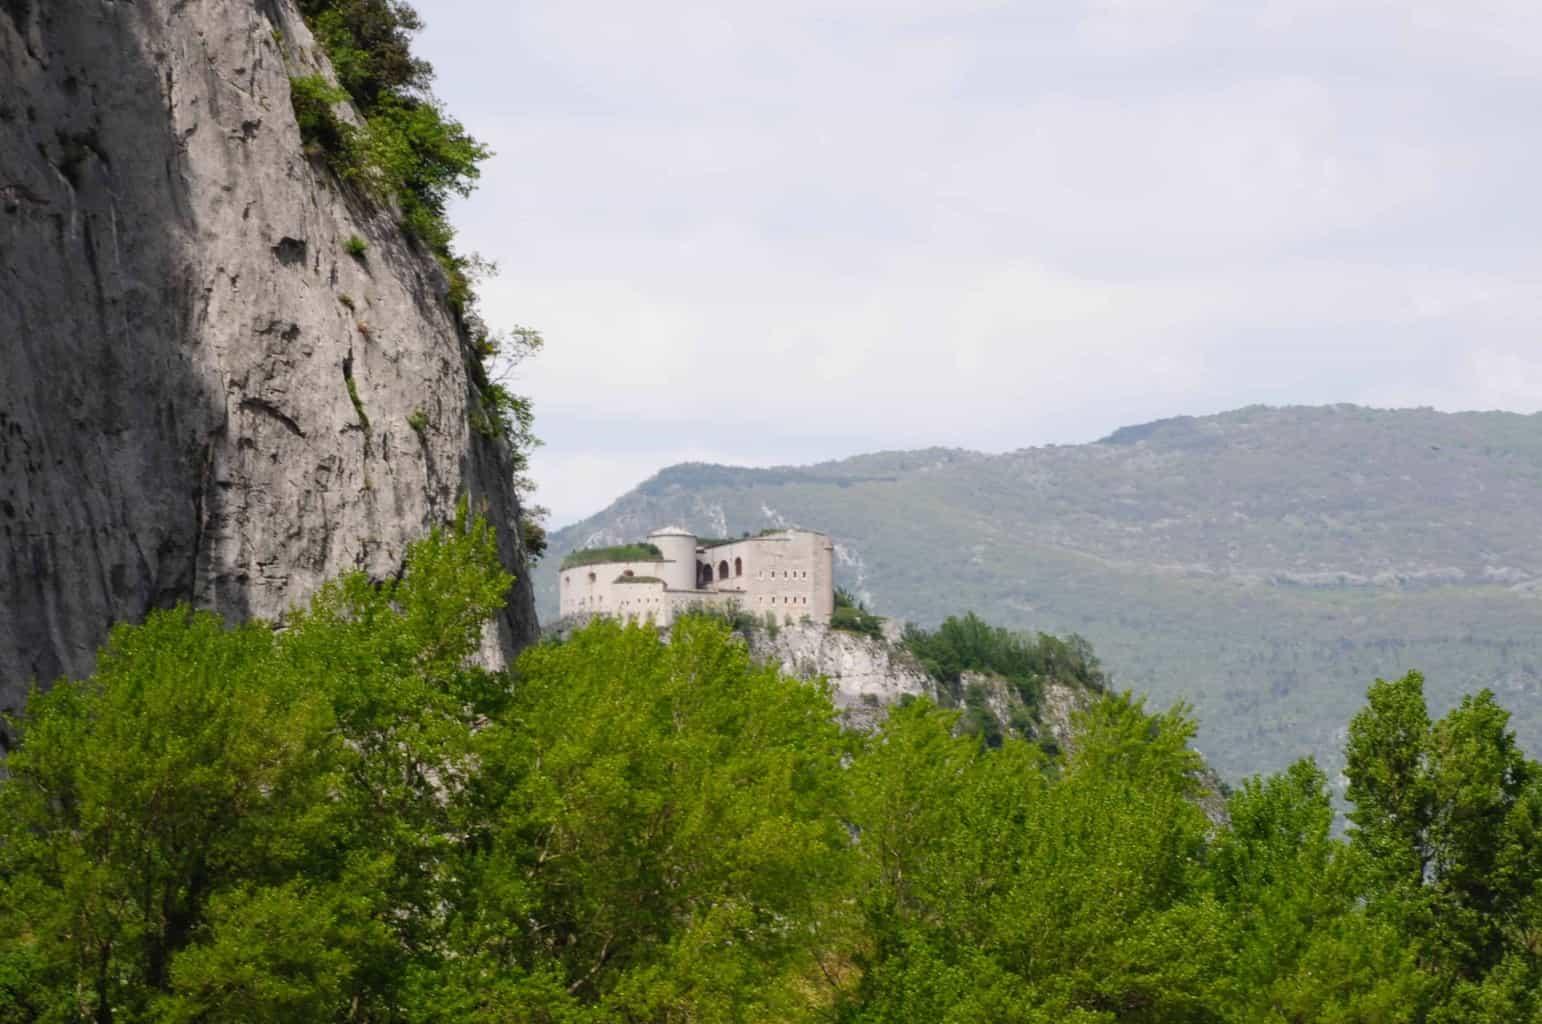 Il Forte Wohlgemuthche domina la valle dell'Adige